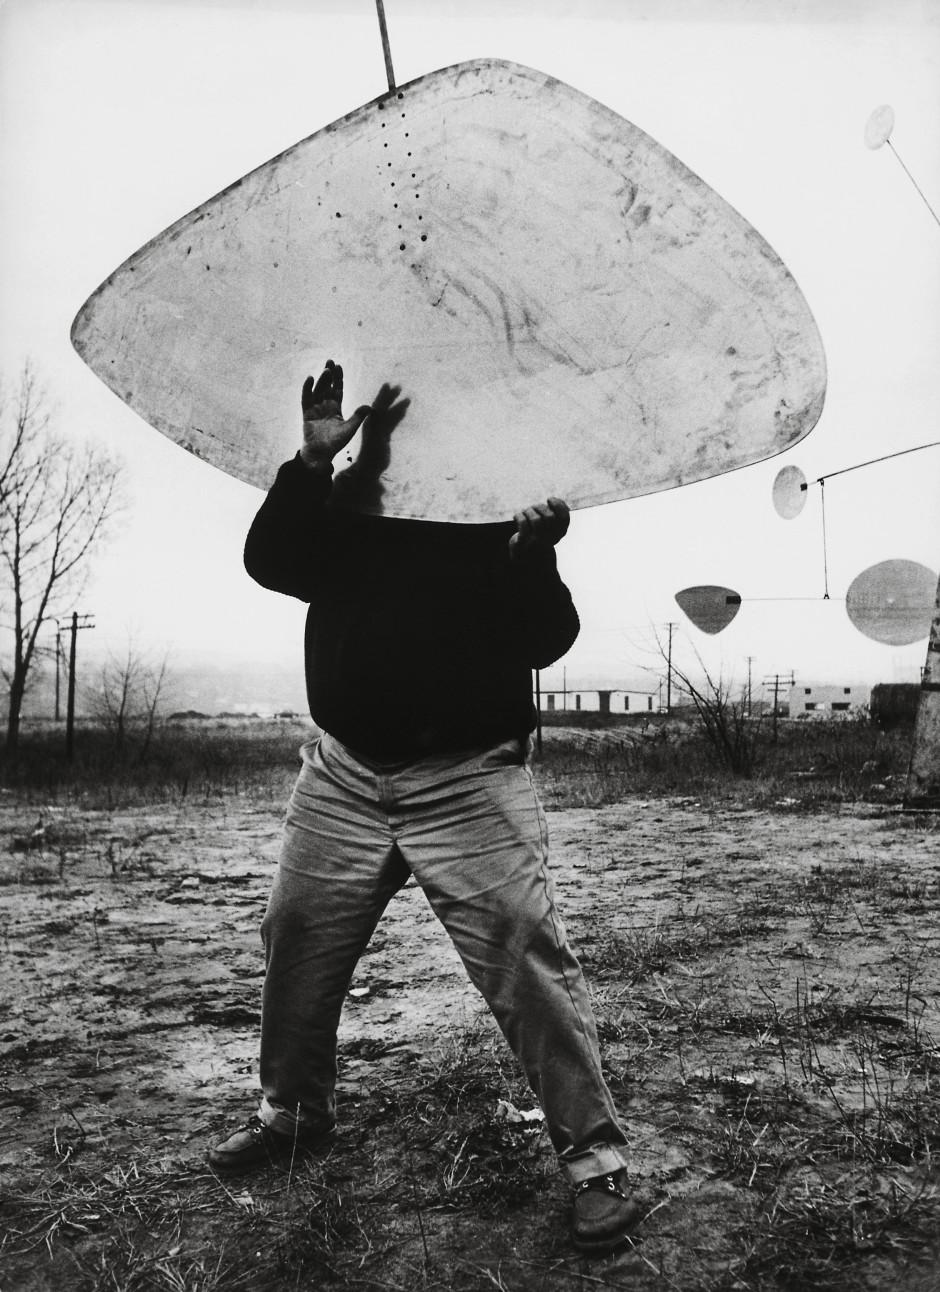 Ugo Mulas, Alexander Calder, Roxbury, 1964